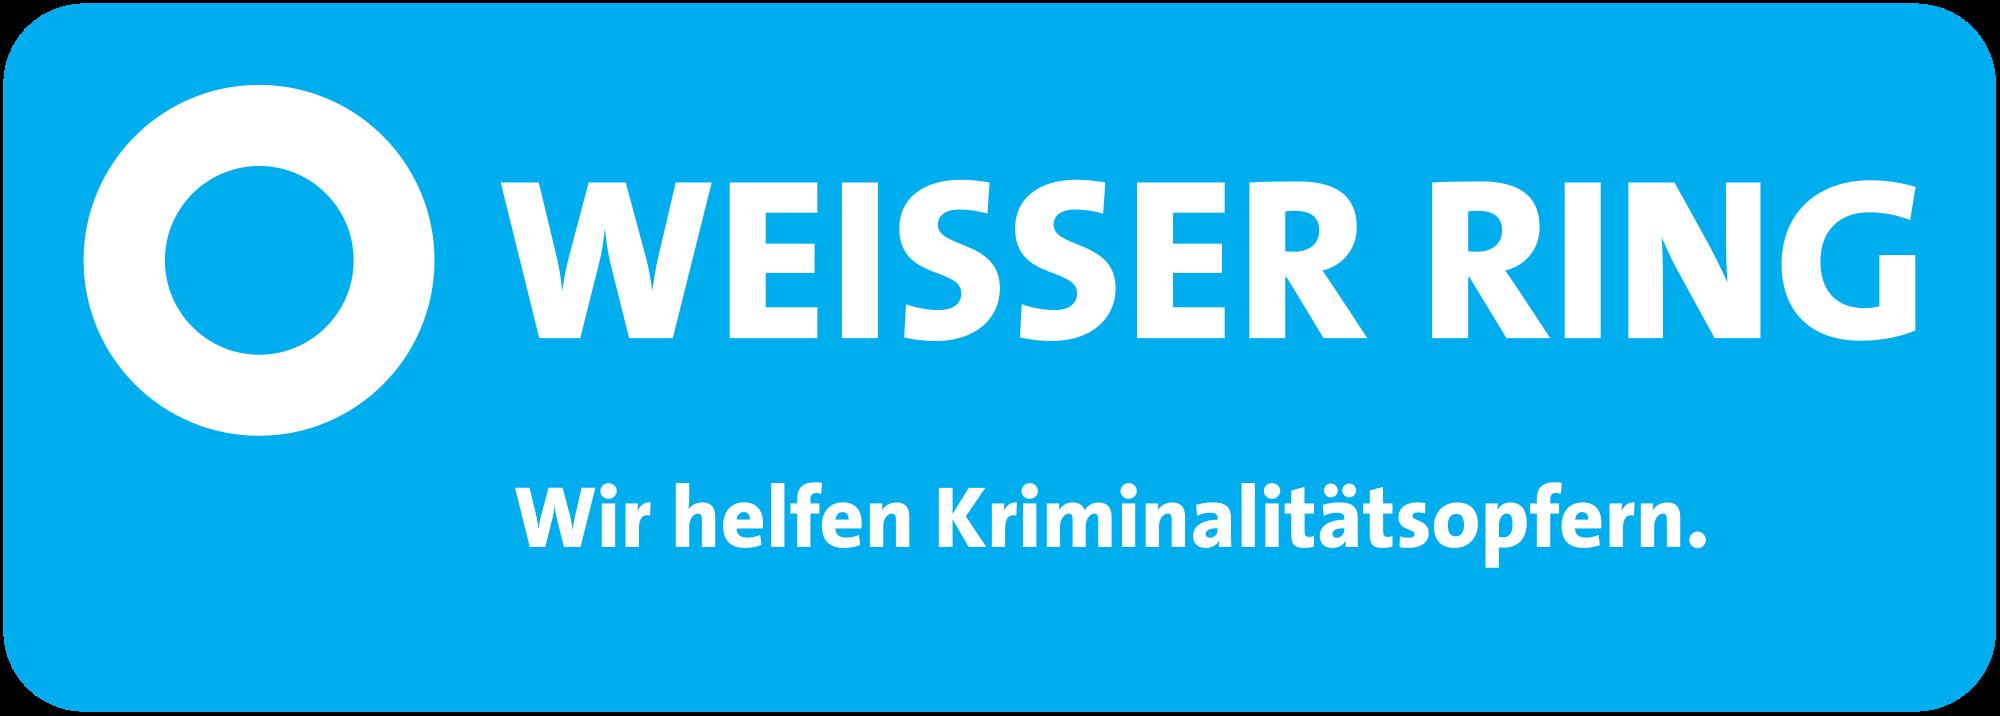 2000px-Weisser_Ring_Logo-svg-1